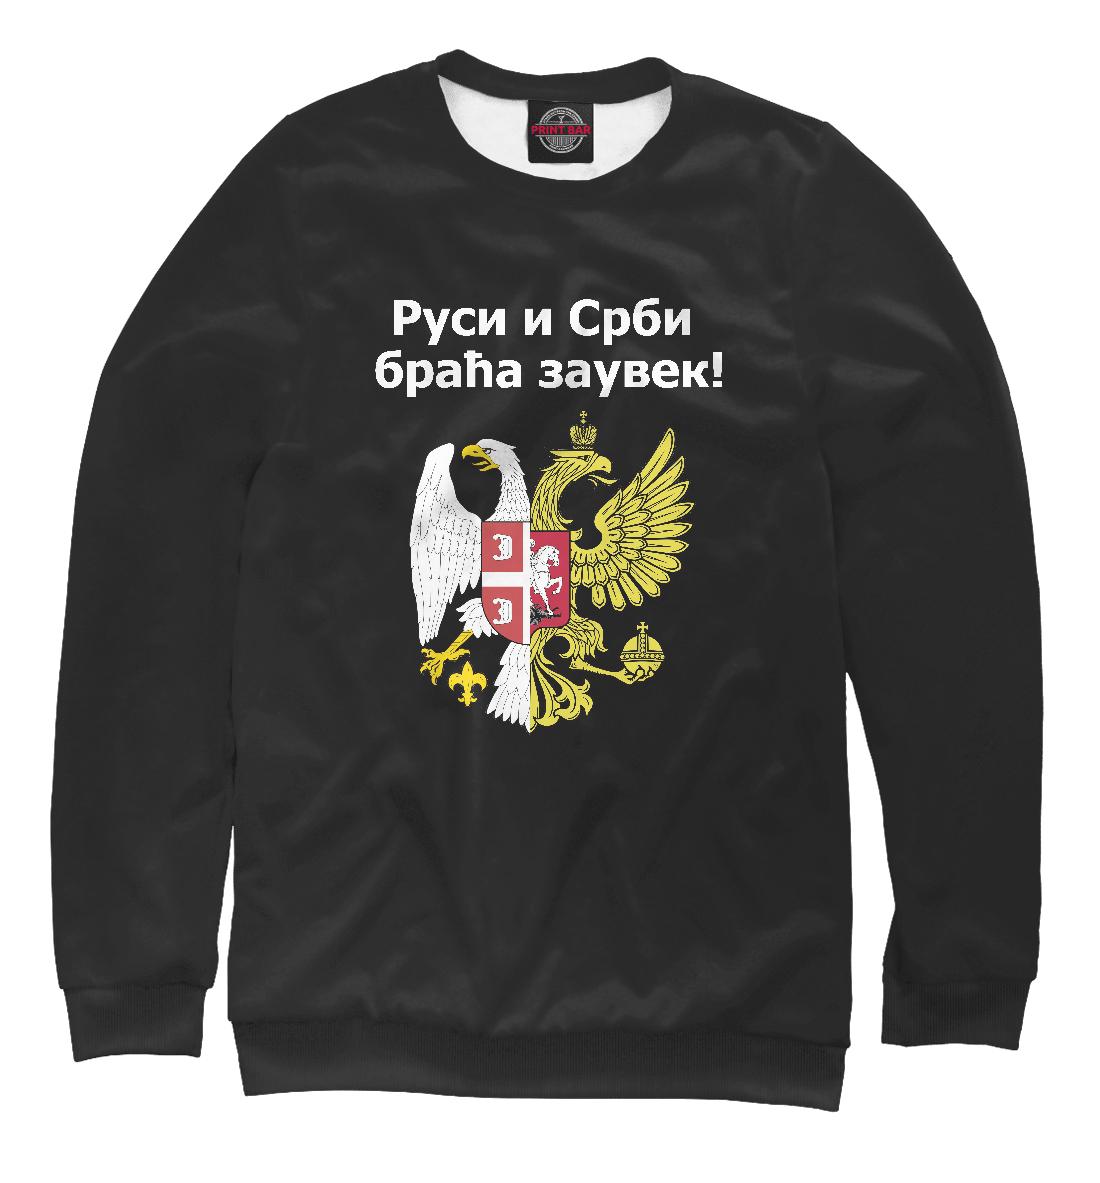 Россия Сербия Братья Навек!, Printbar, Свитшоты, APD-113368-swi-2  - купить со скидкой